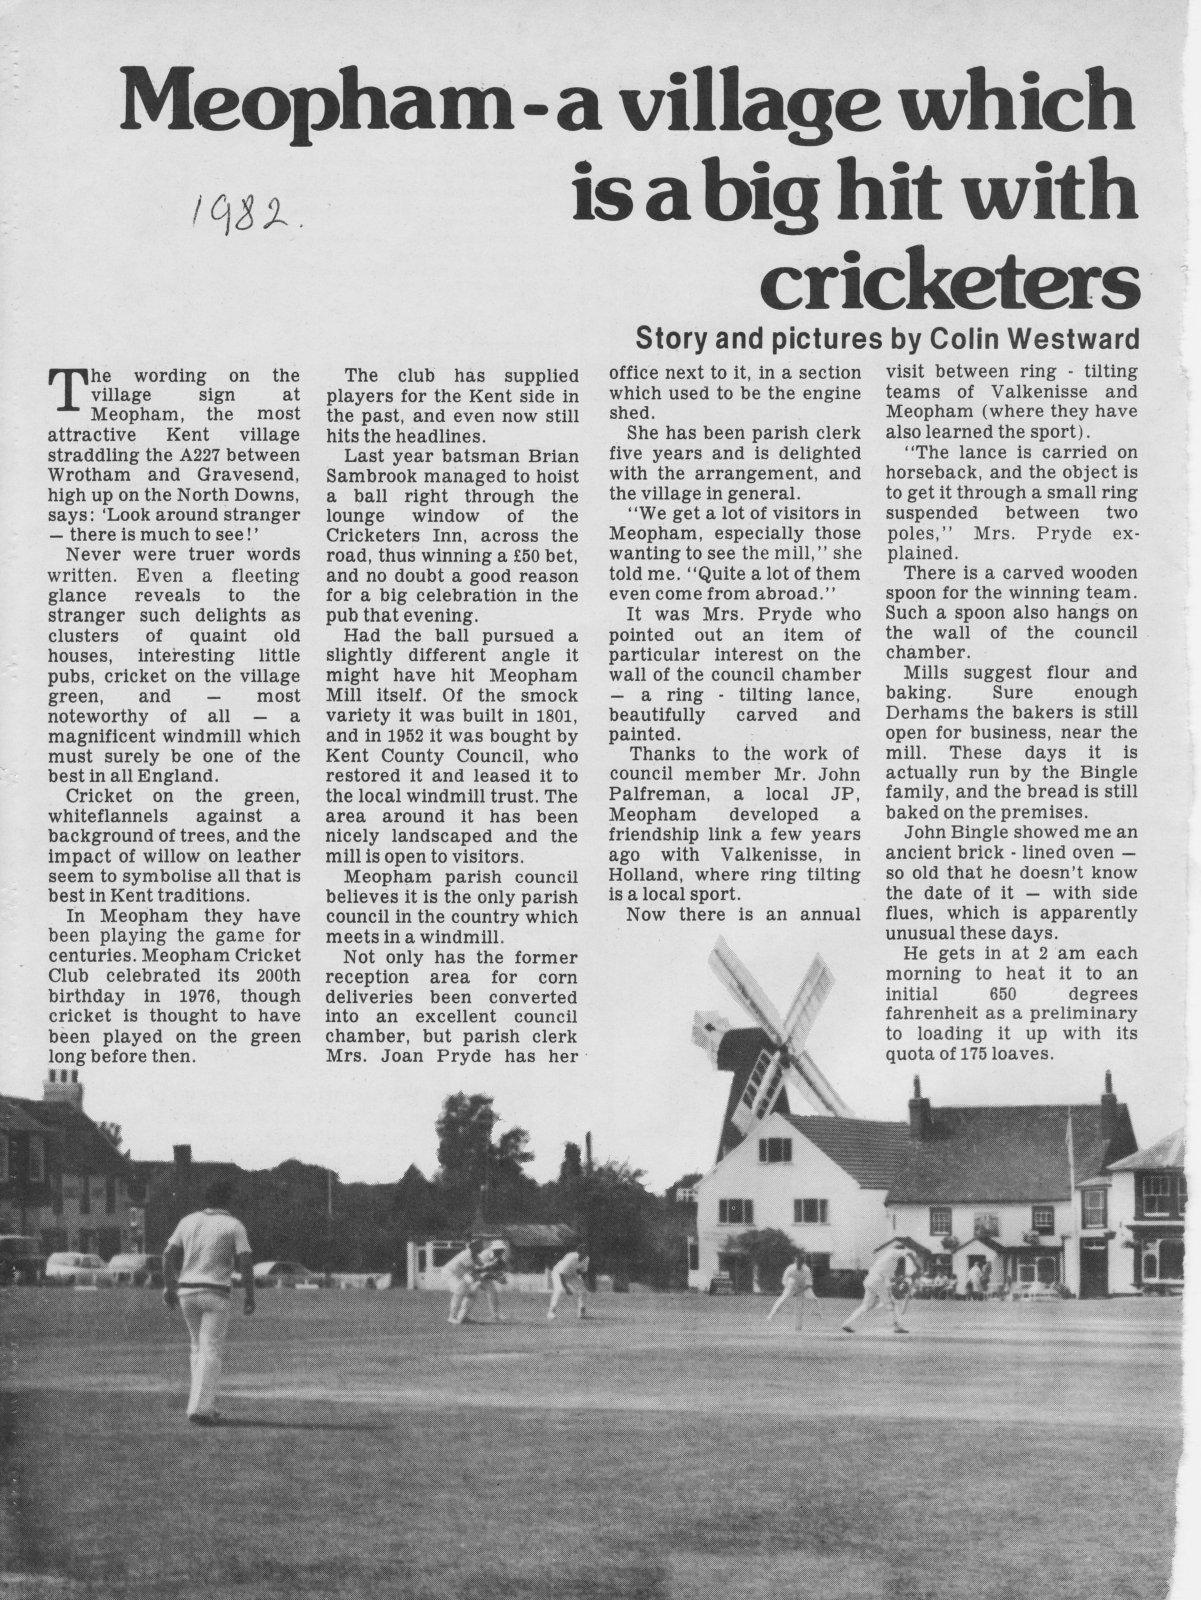 01-Cricket-19